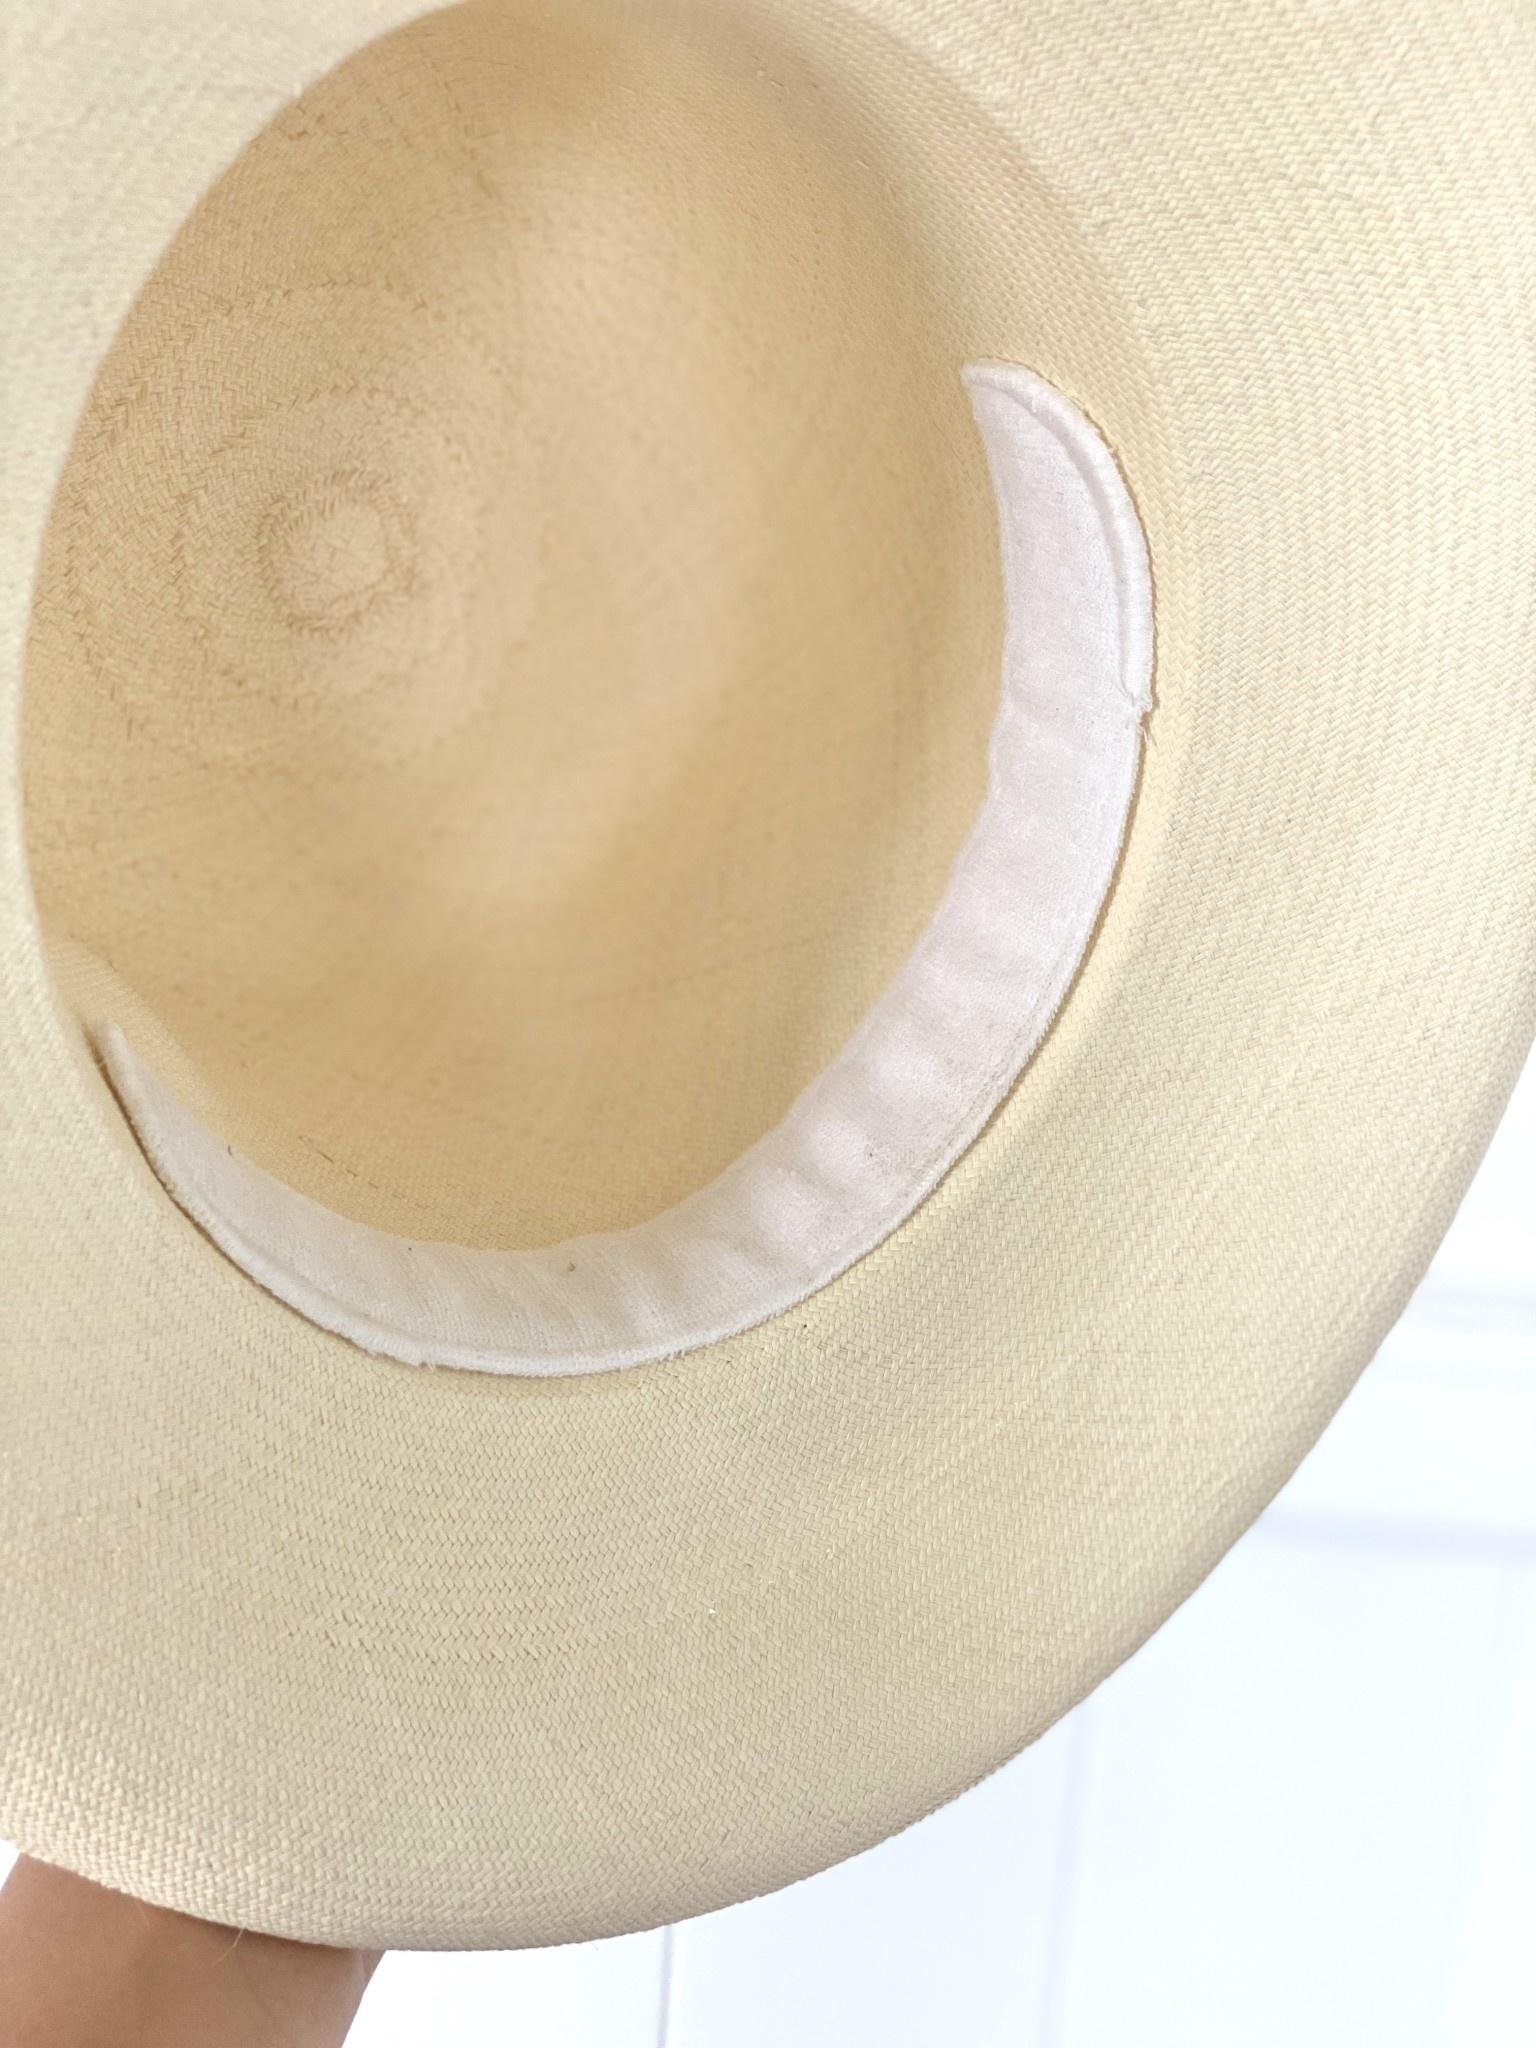 Papale Hat Sweatband Stick-On